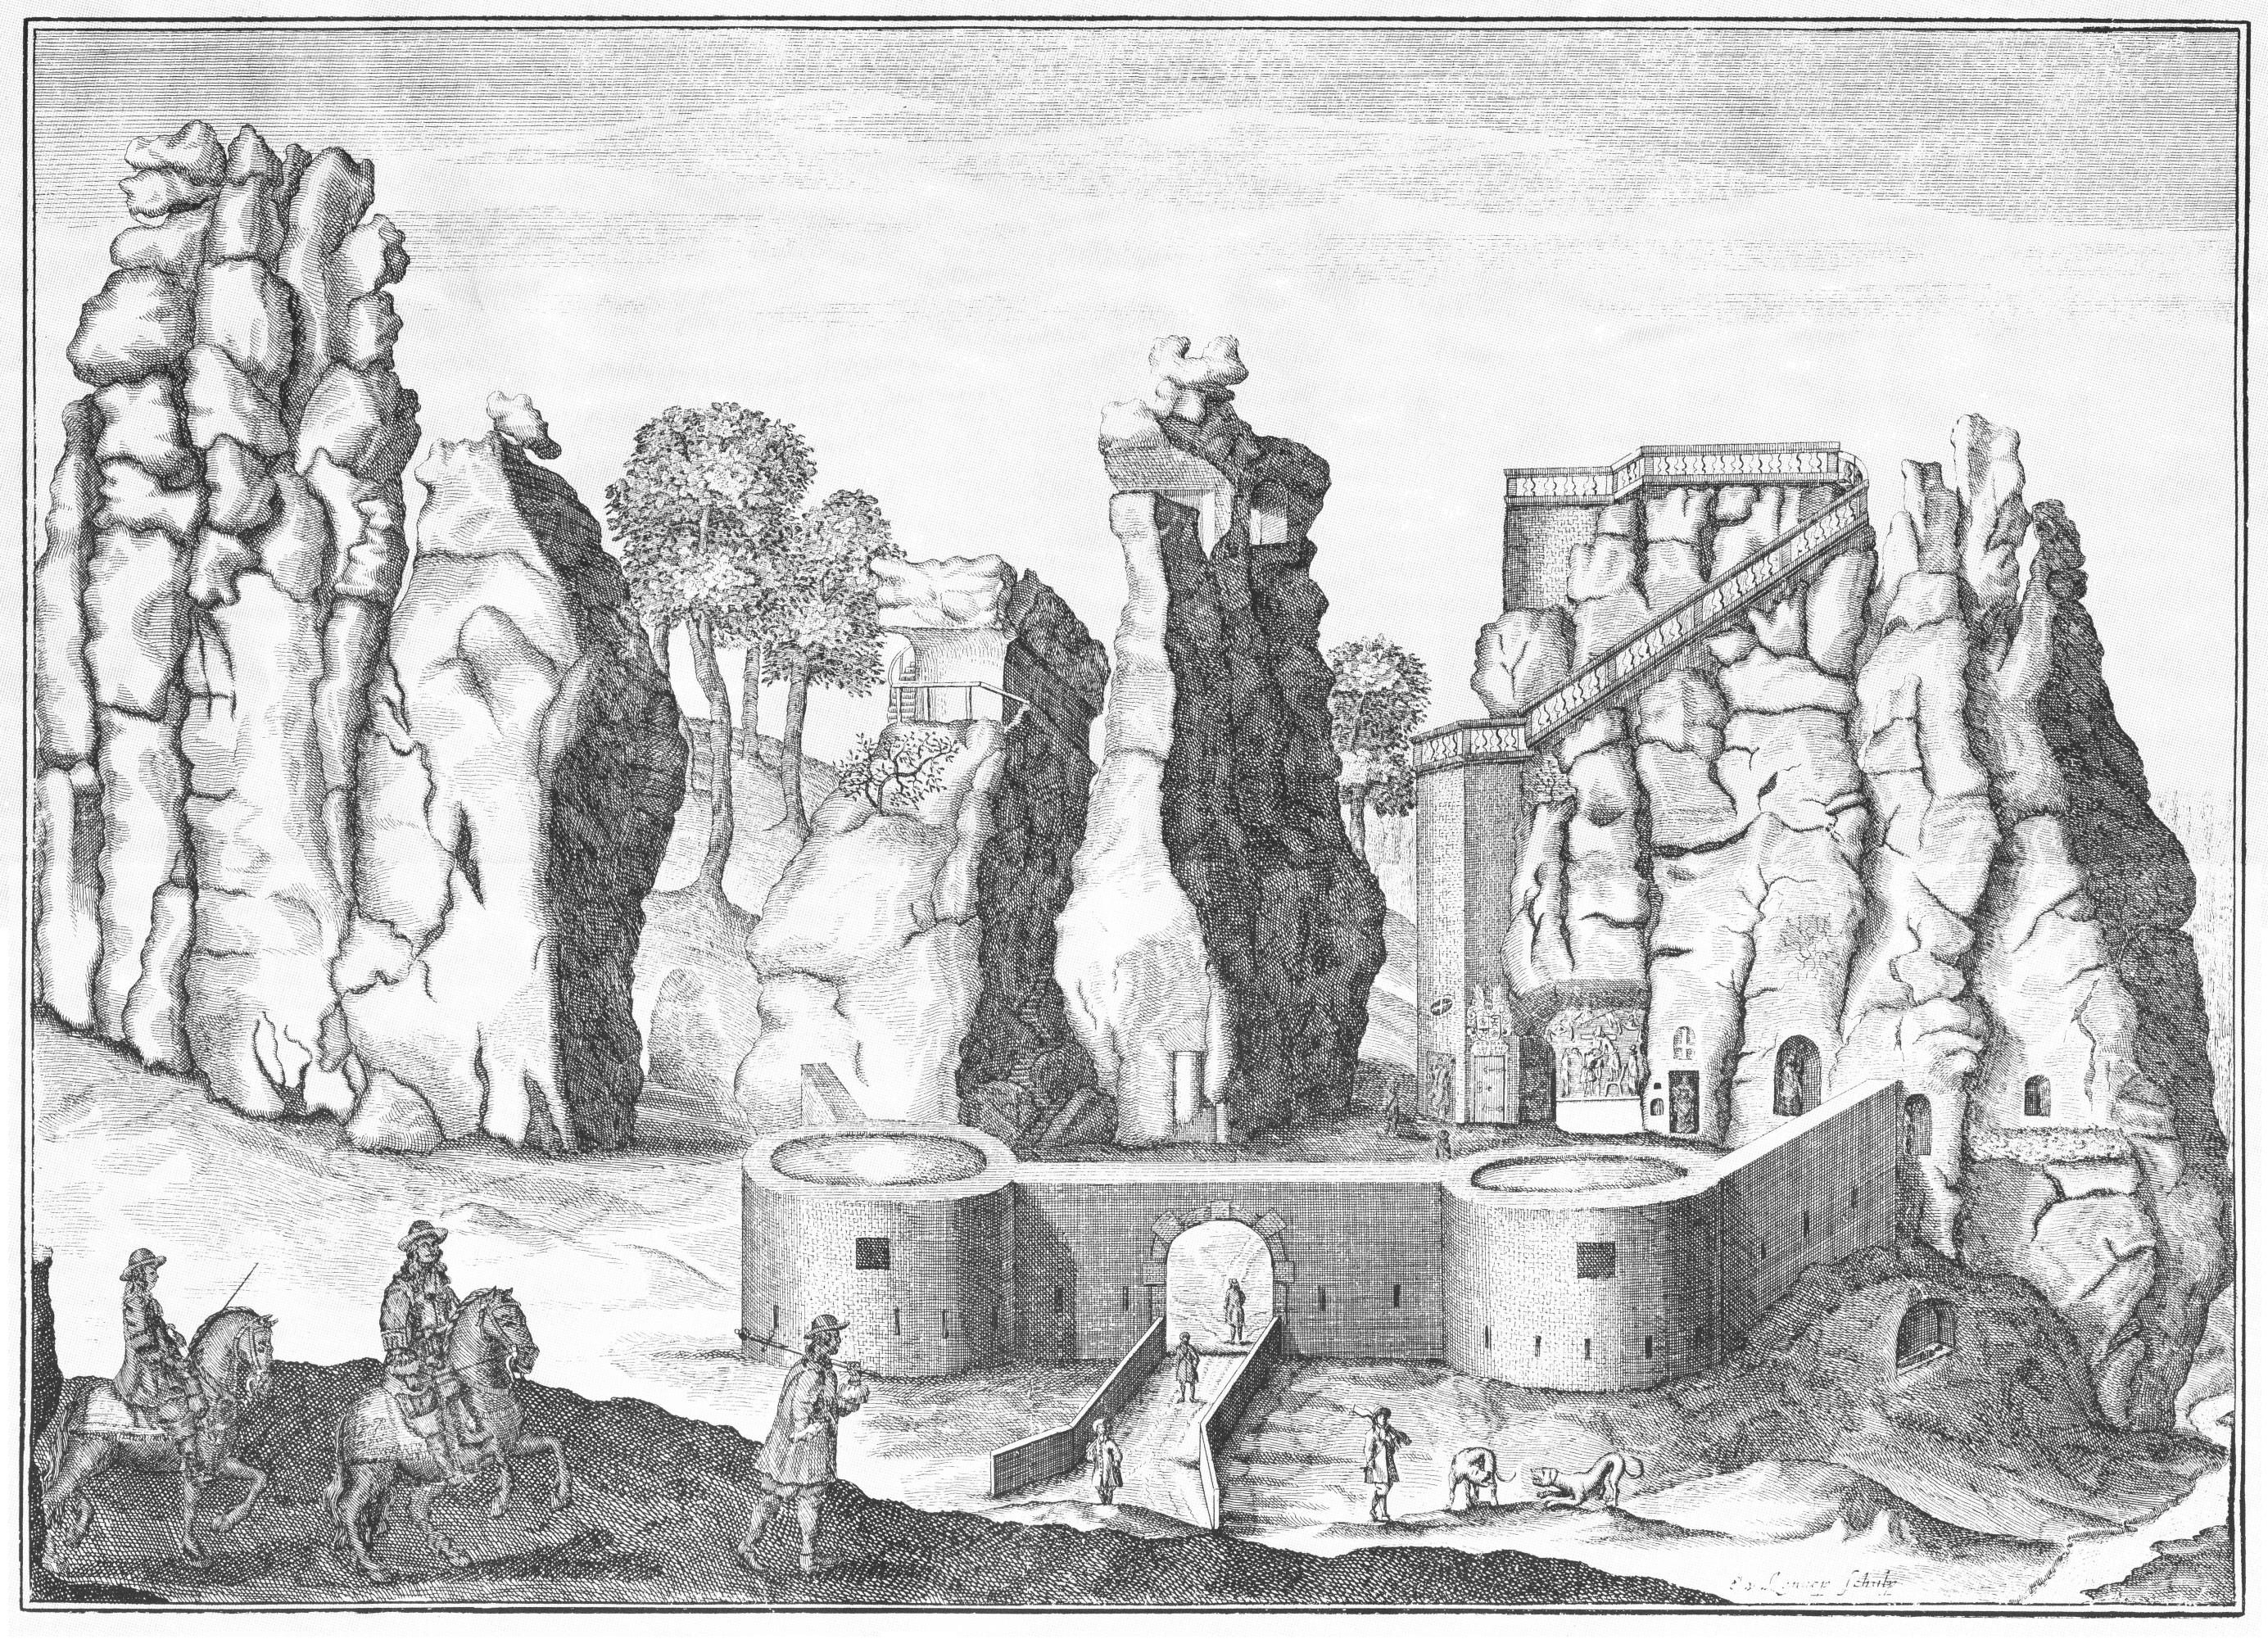 File:Externsteine Elias van Lennep 1663.png